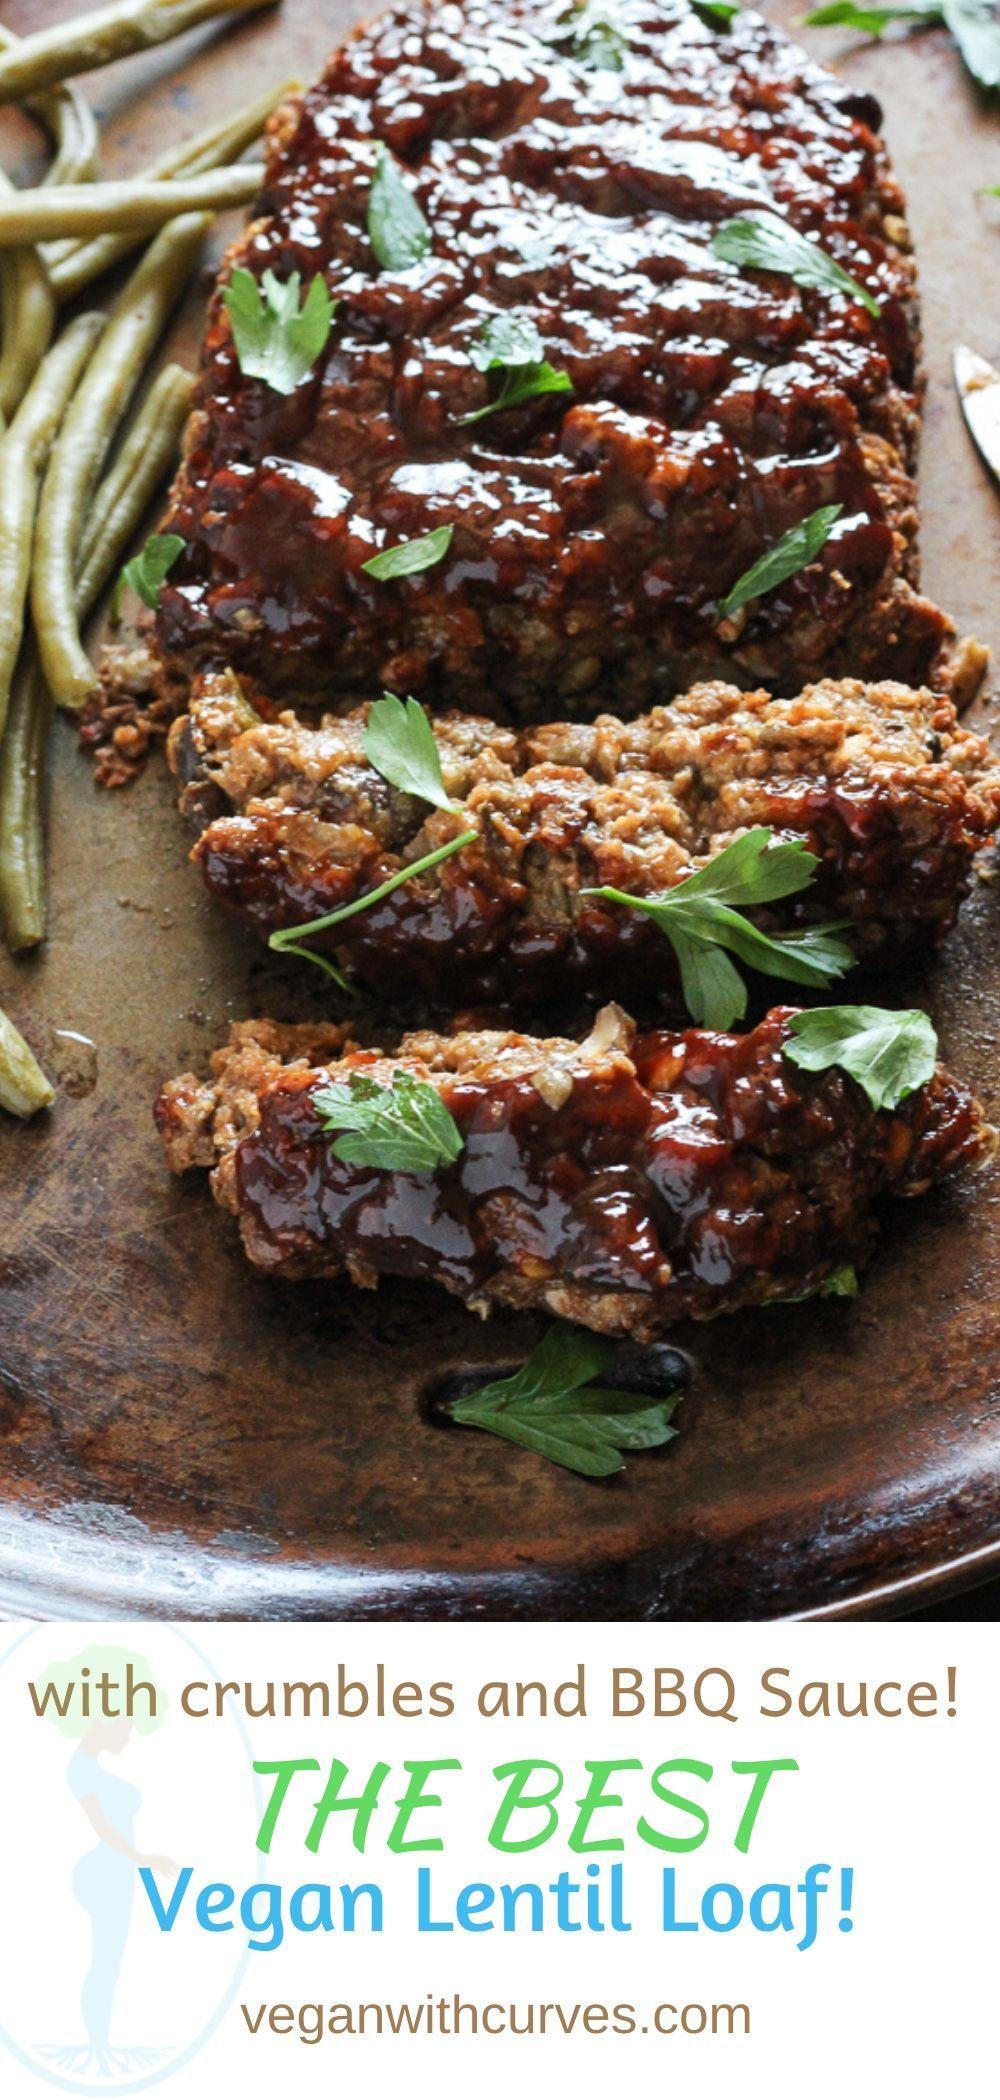 Beefy Vegan Lentil Loaf Recipe Vegan Meat Recipe Vegan Ground Beef Lentil Loaf